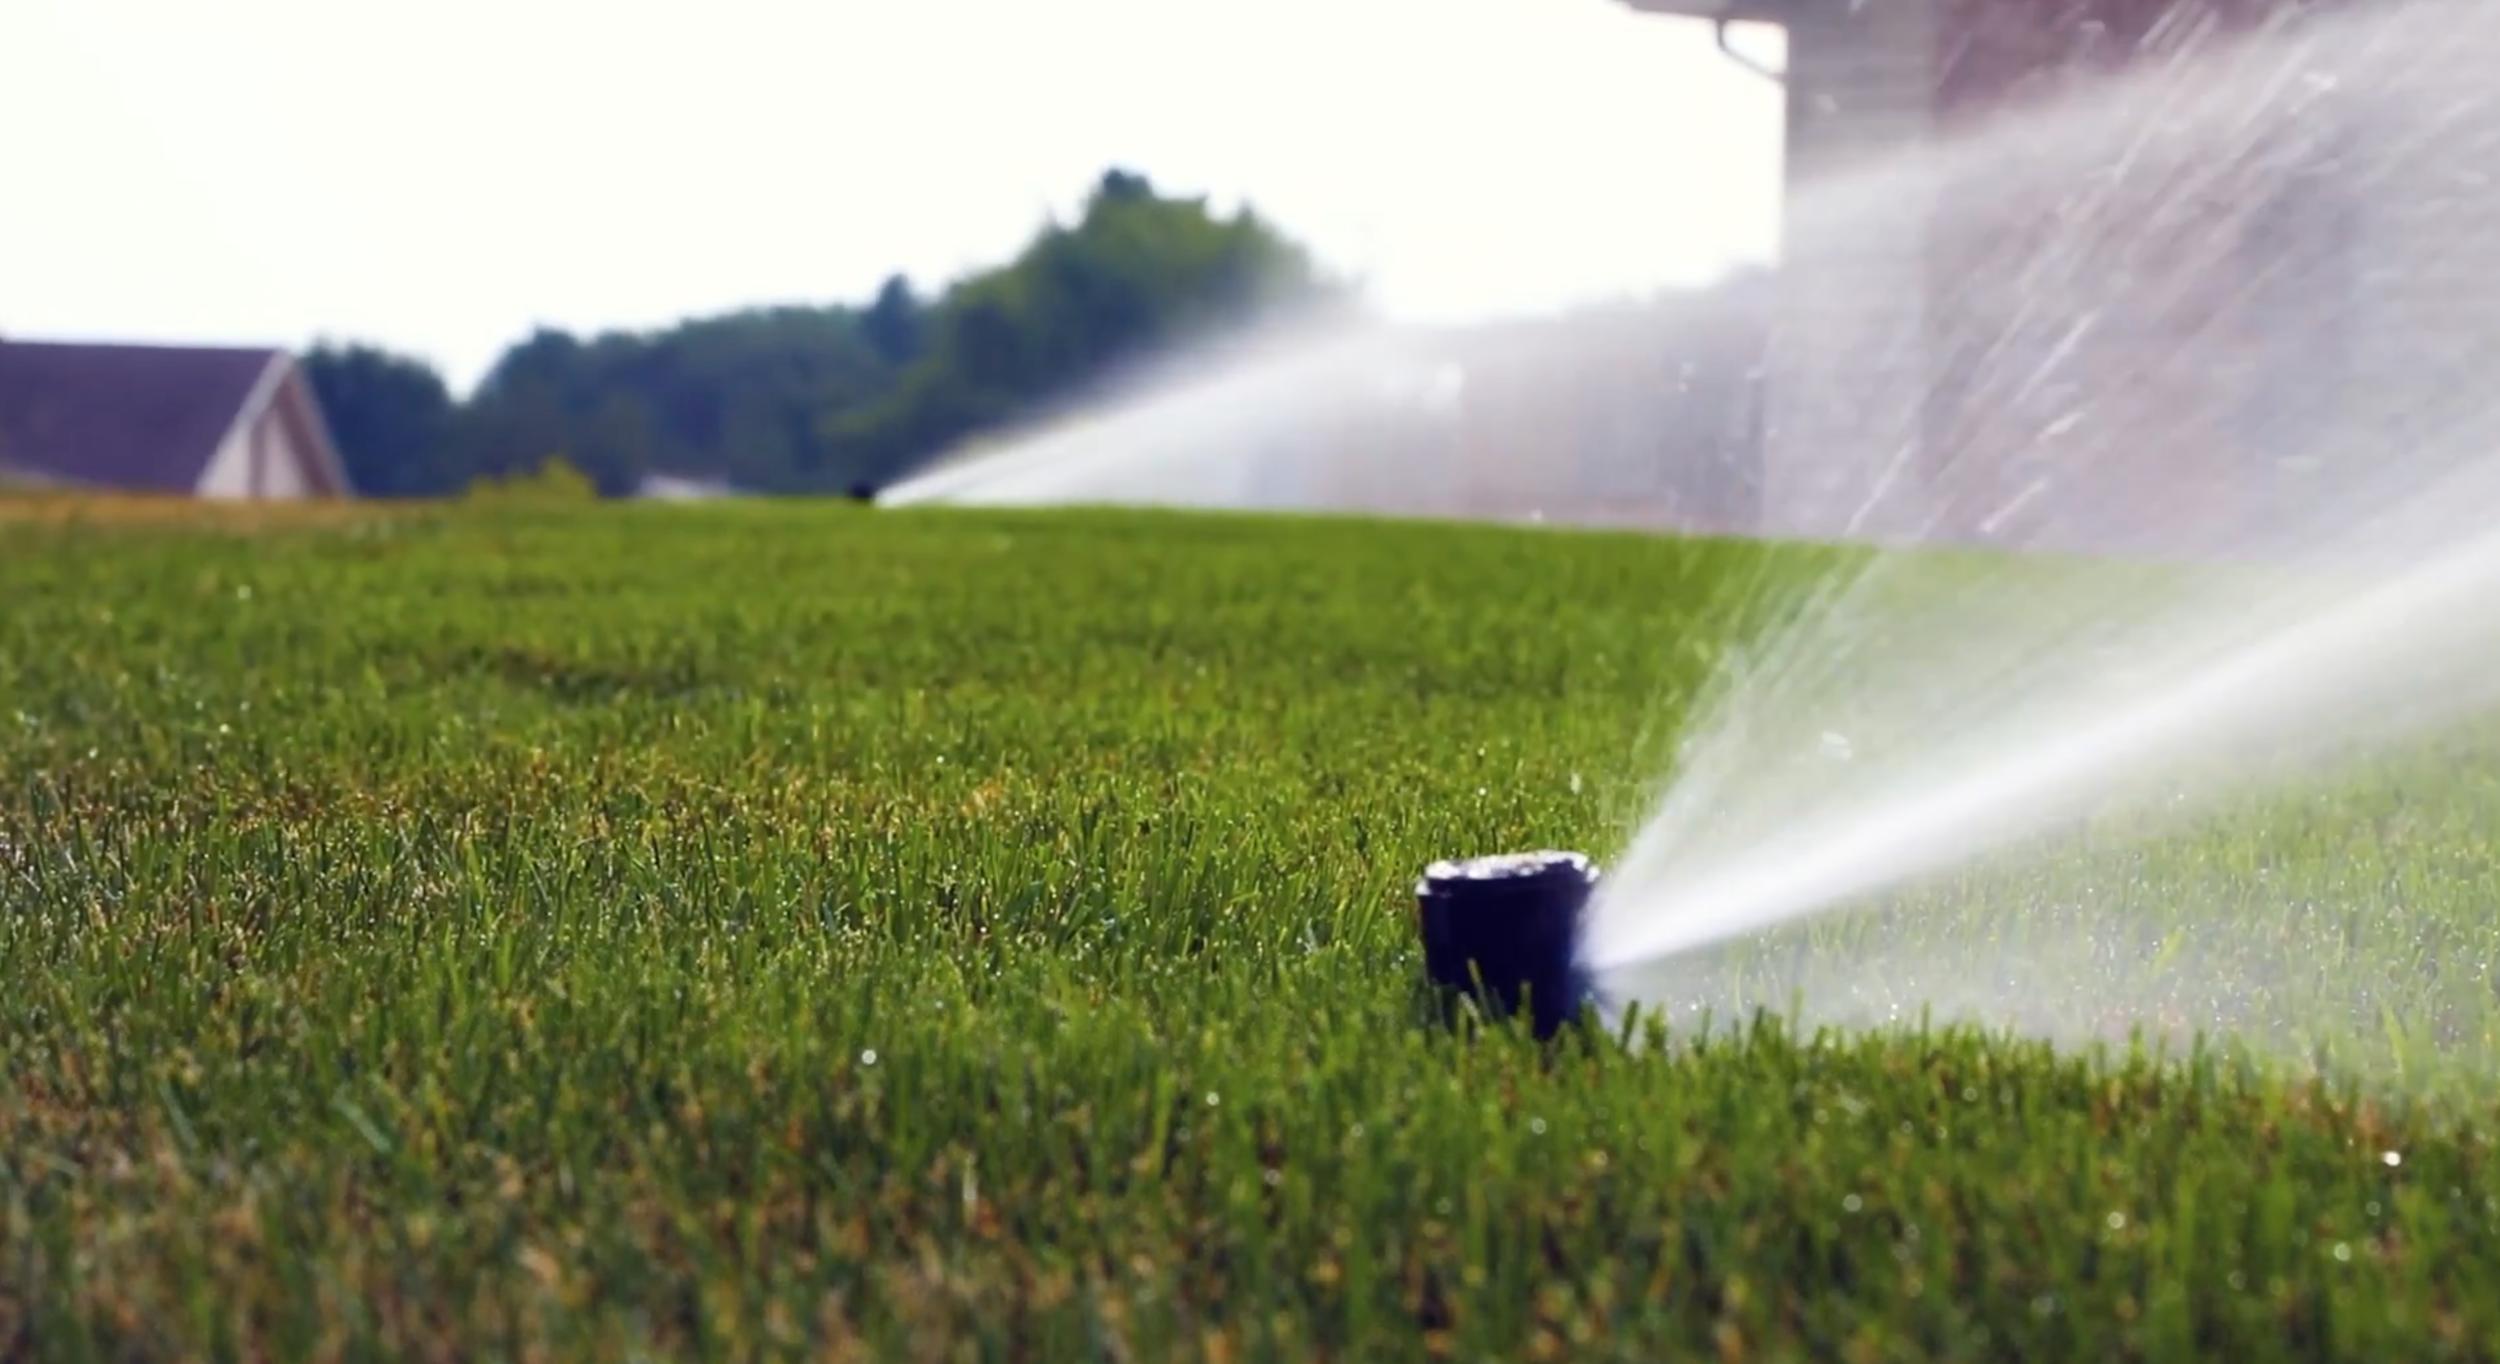 Residential Sprinklers New Lenox